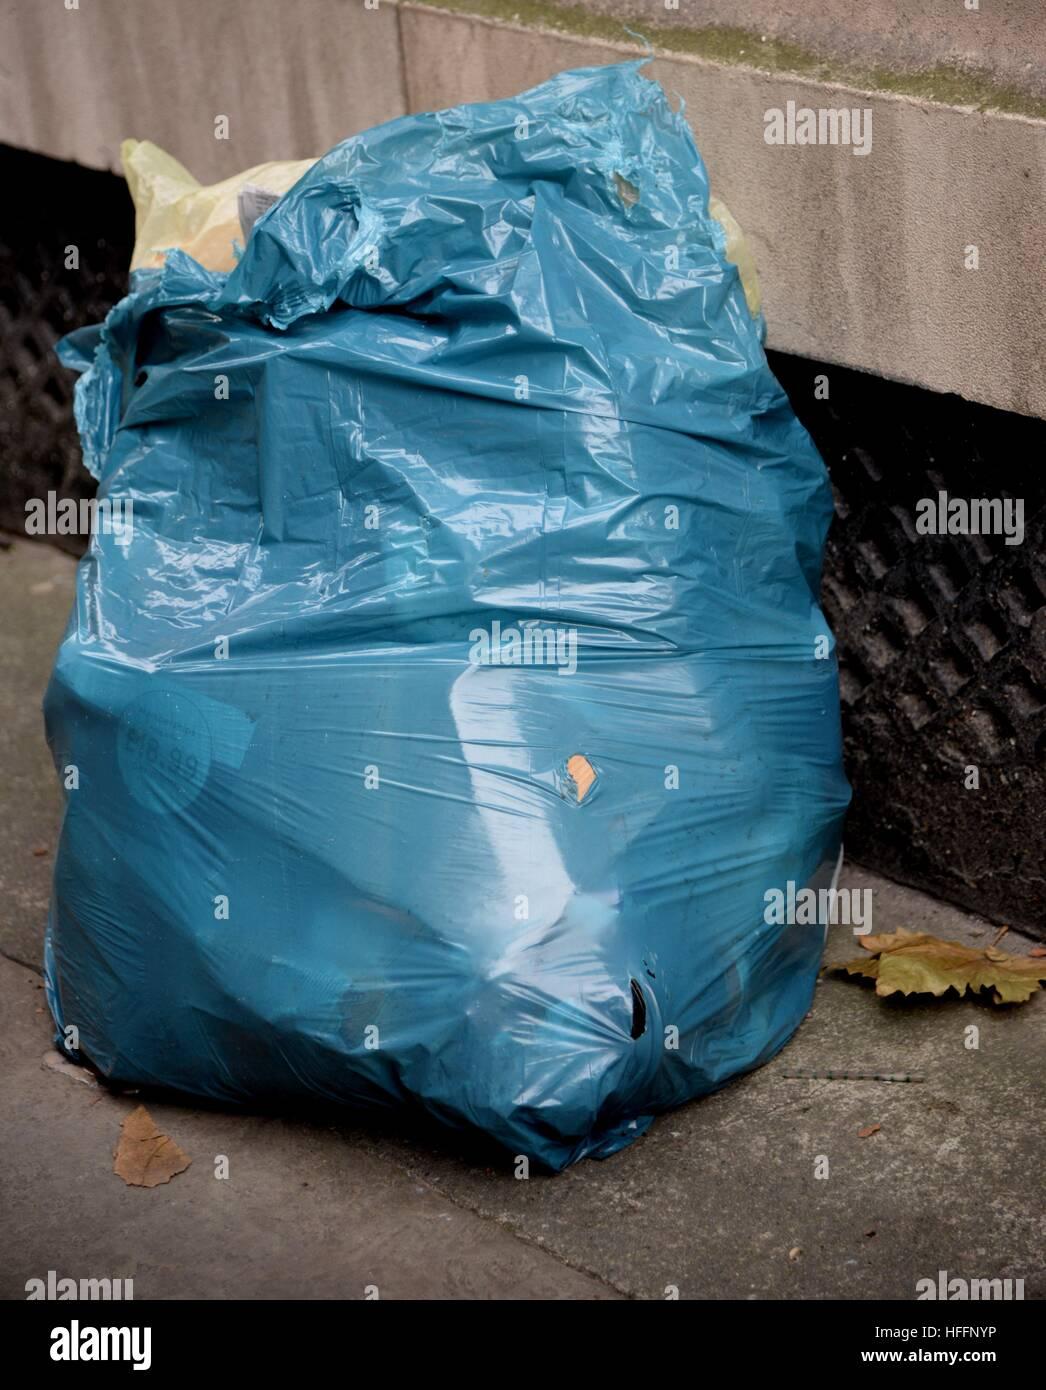 Rubbish bag - Stock Image